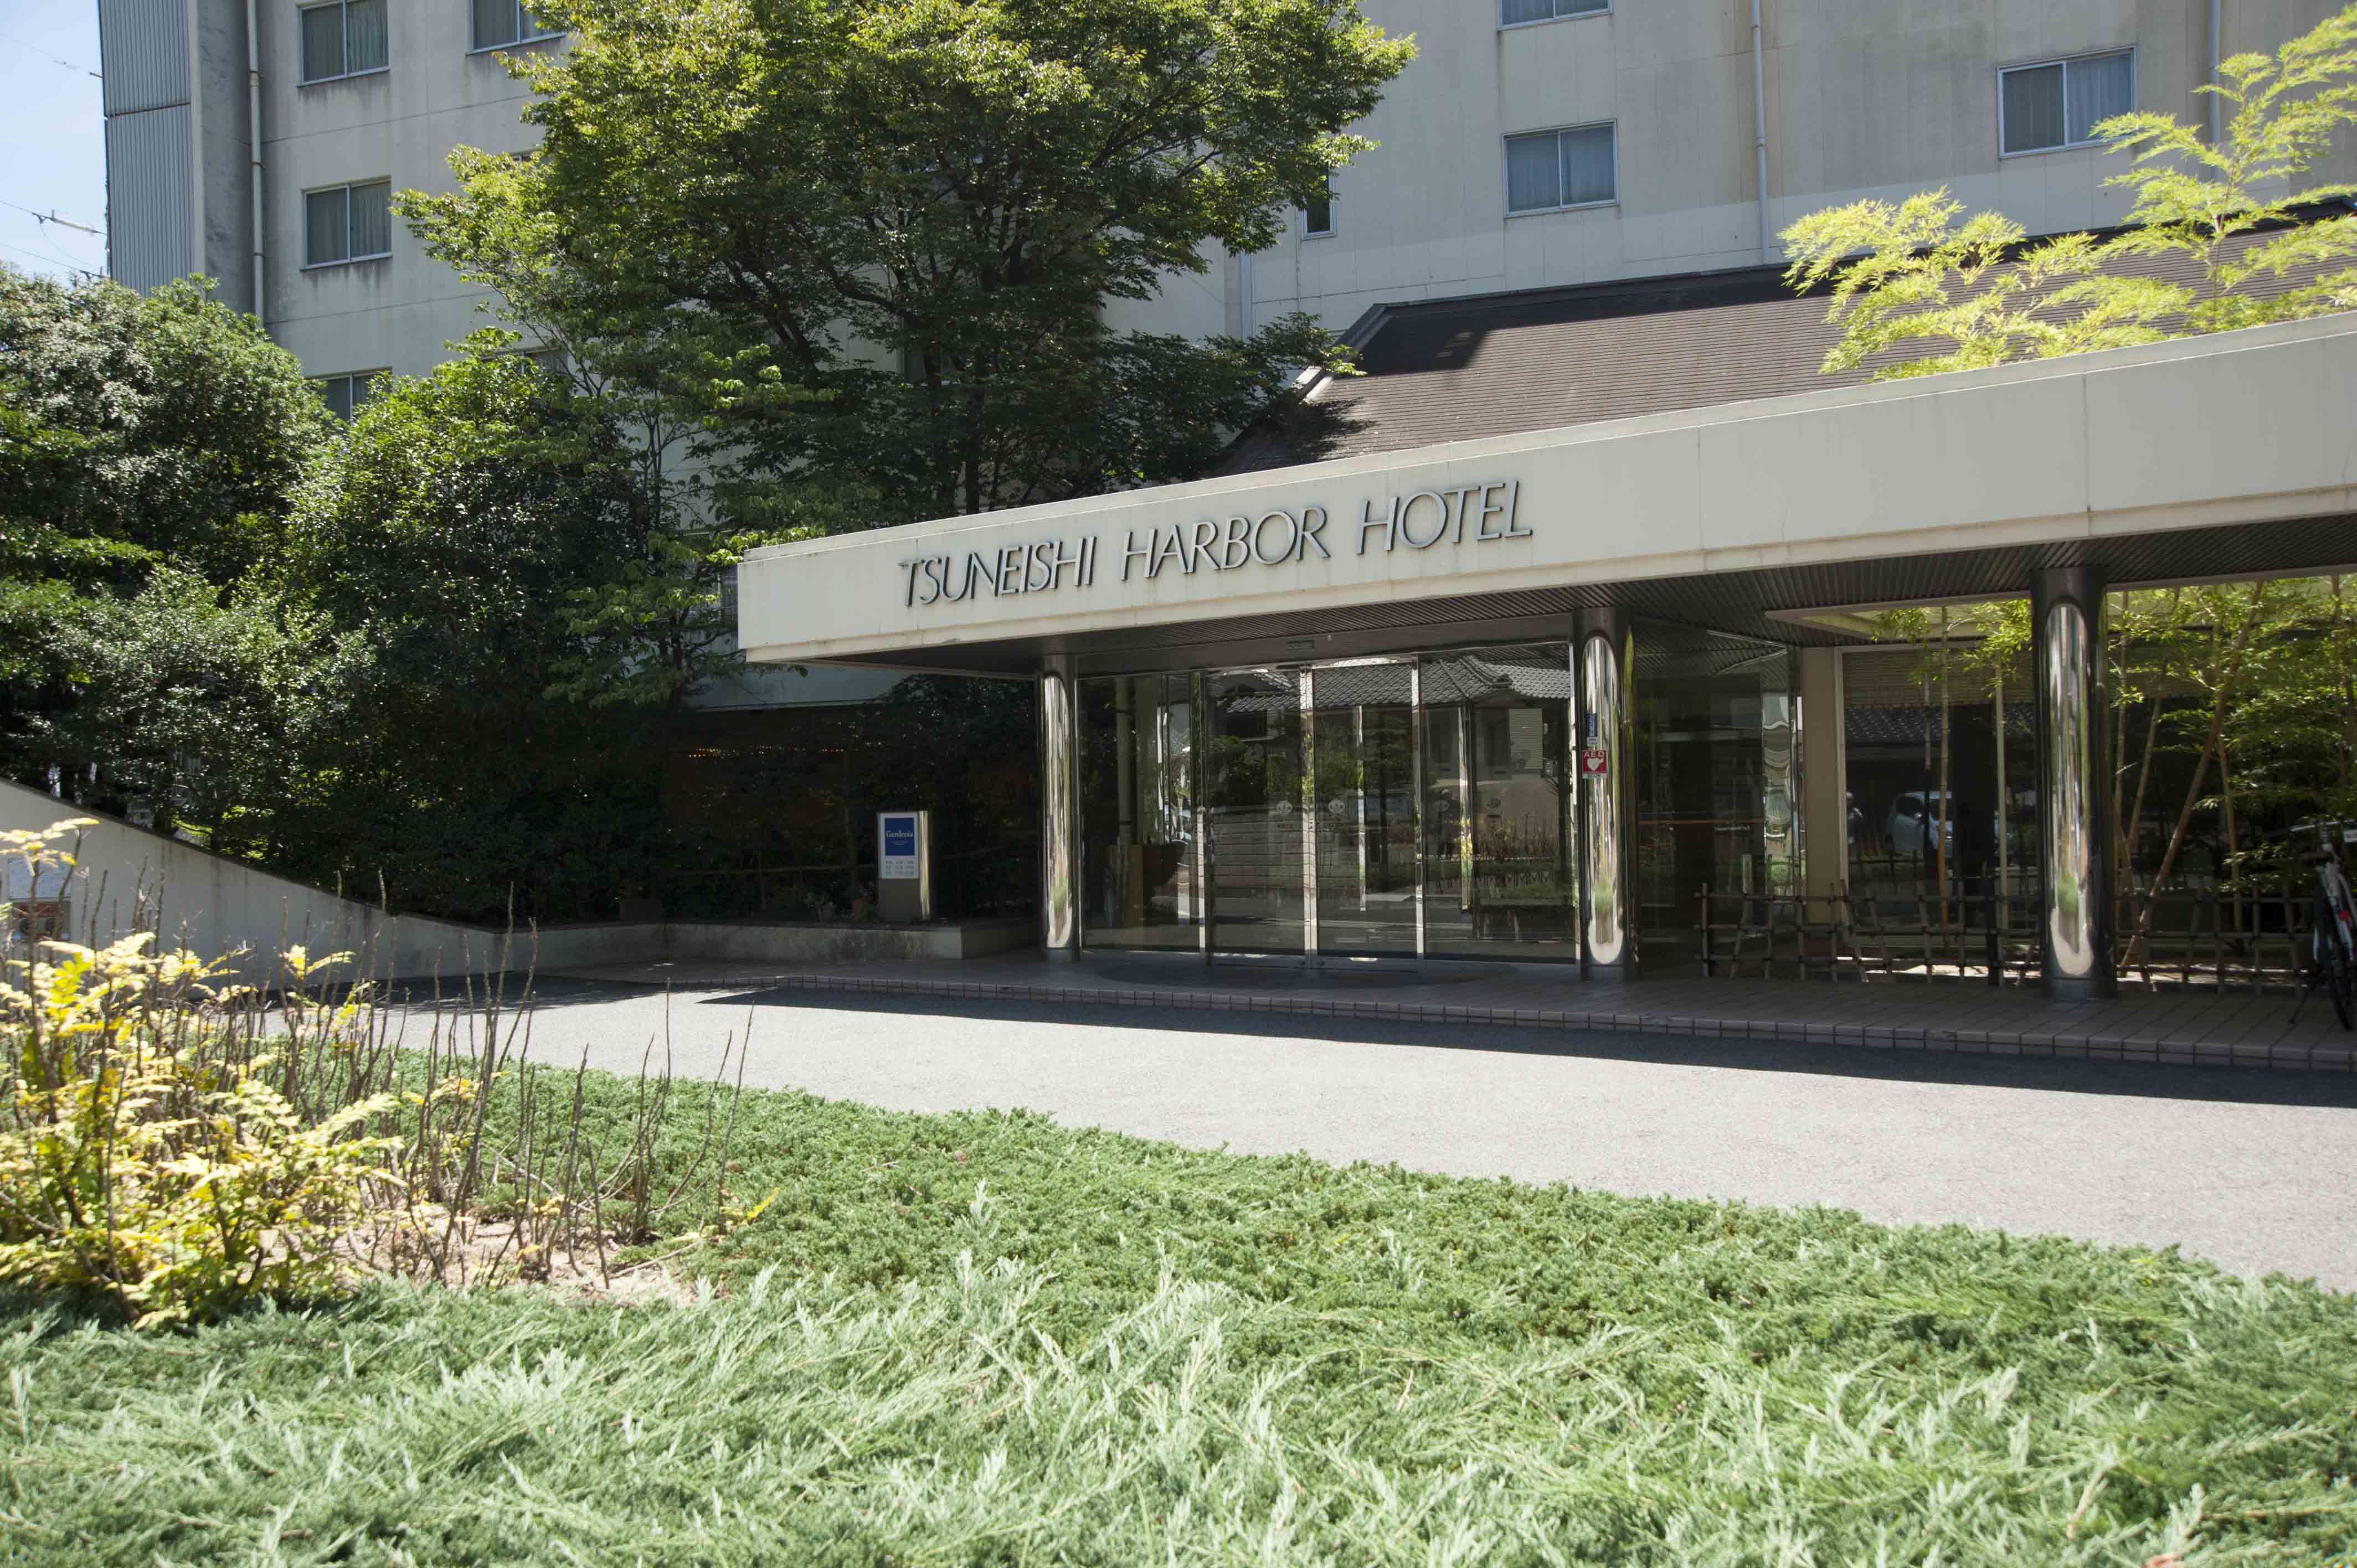 ビジネスホテルに利用される「常石ハーバーホテル」